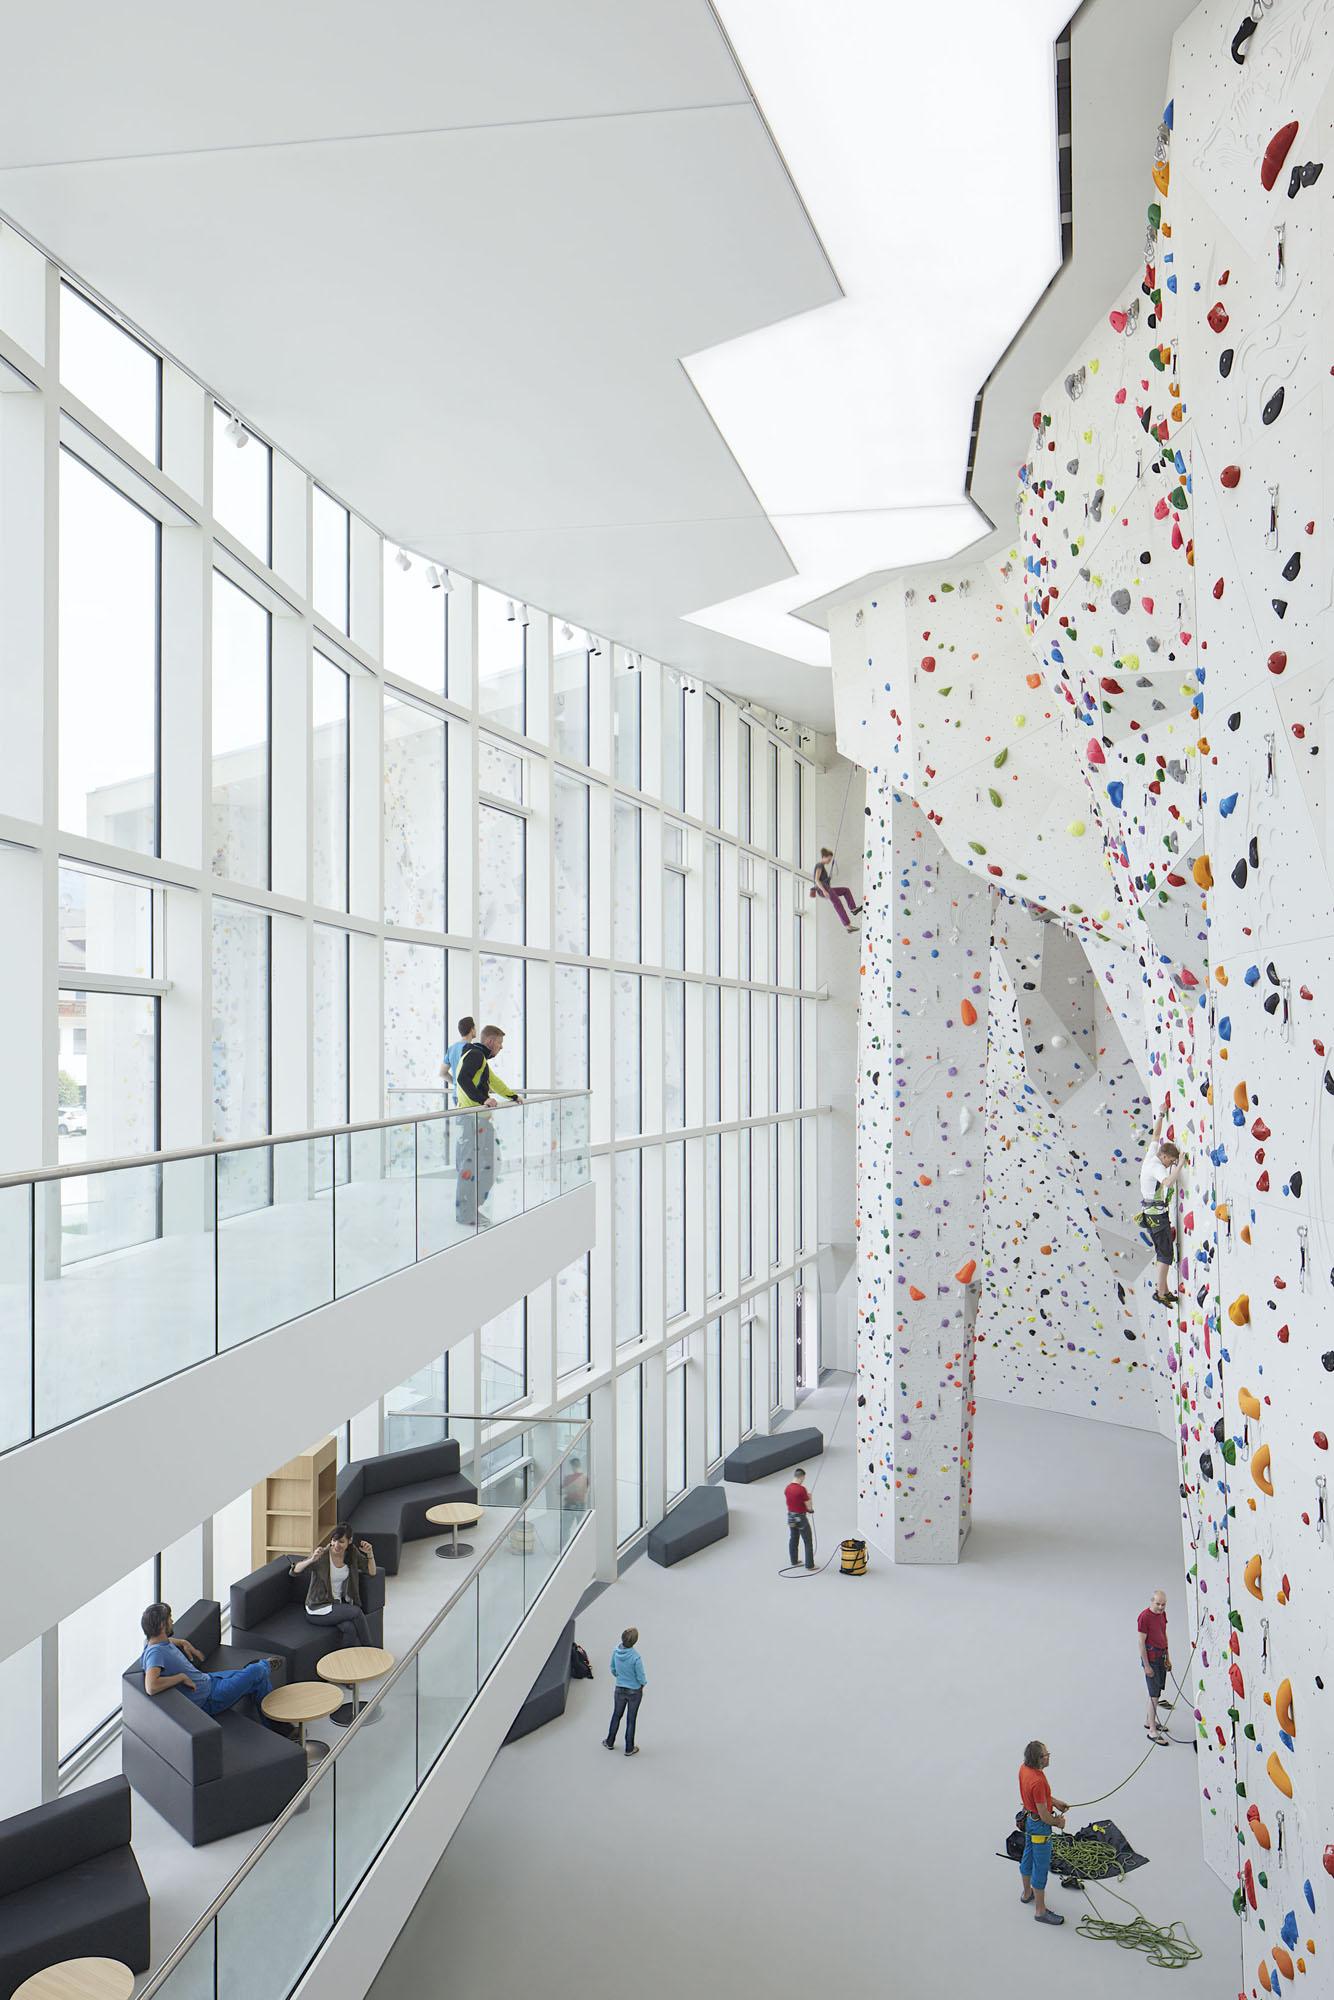 vista interna della palestra principale con gallerie per visitatori